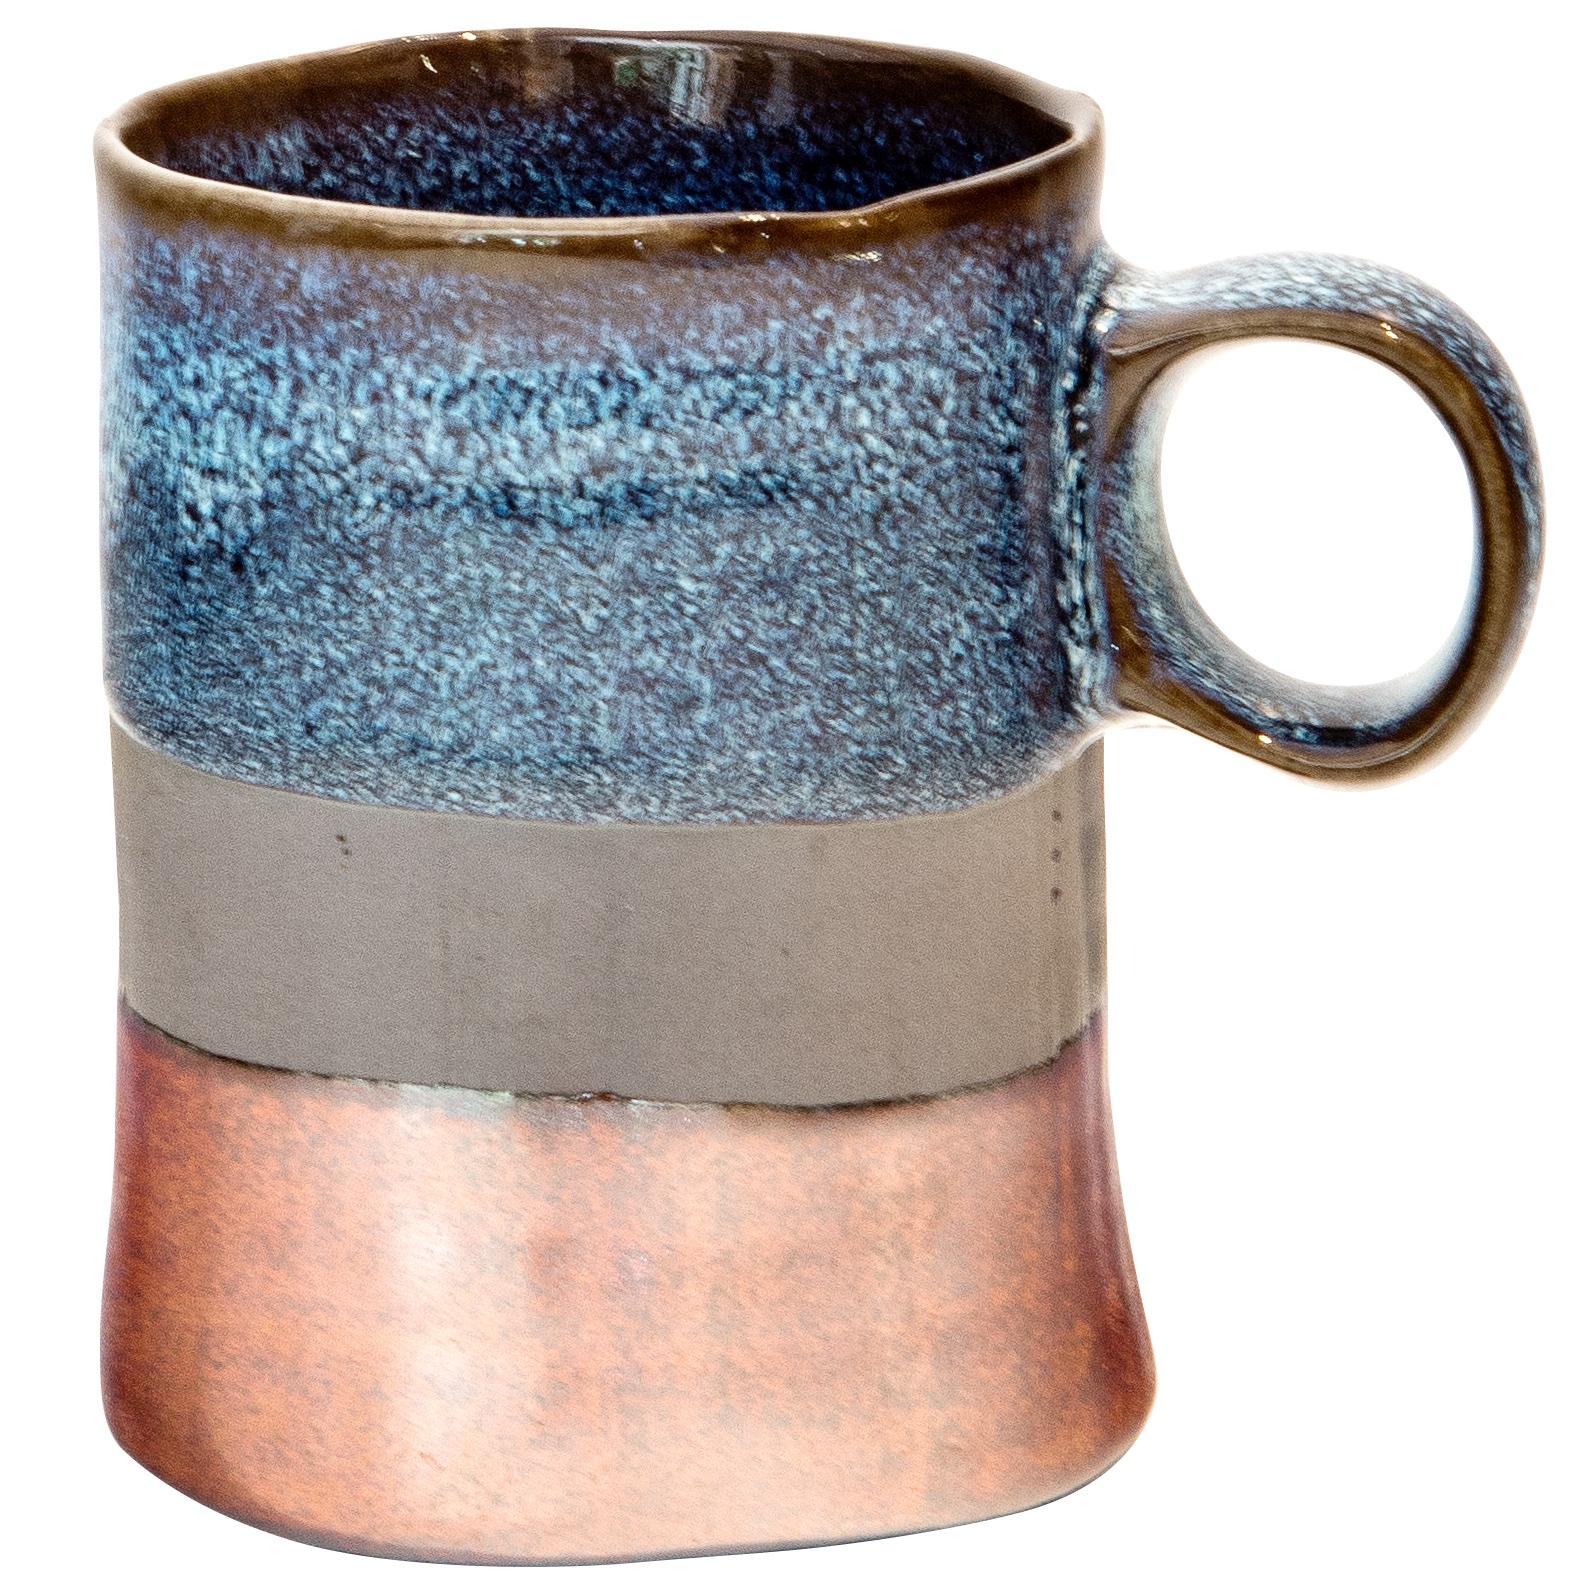 Taza de cer mica artesanal for Materiales para ceramica artesanal